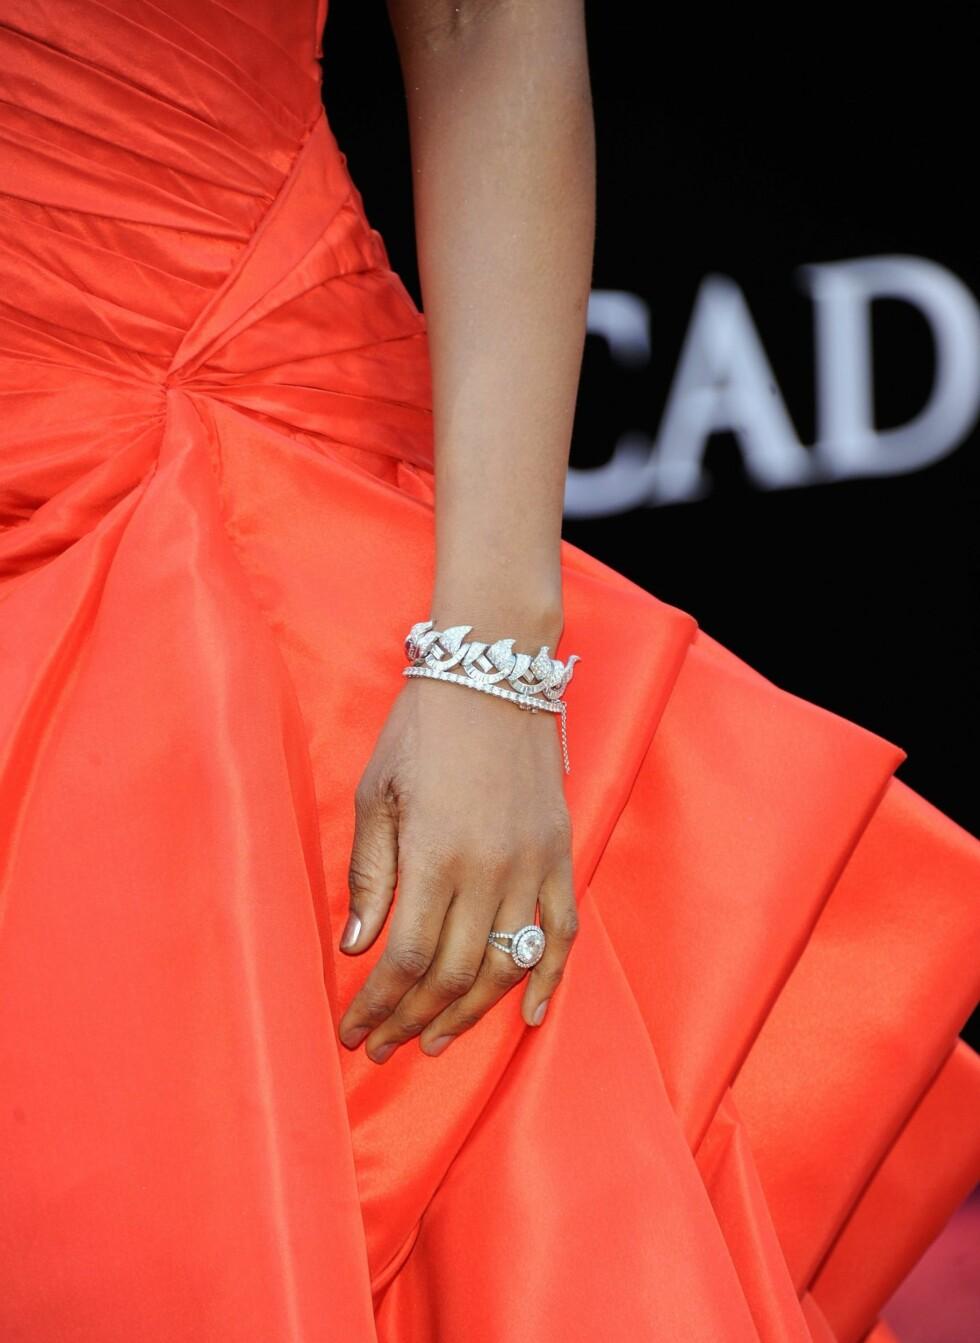 Skuespiller Jennifer Hudson i oransje kjole og bling bling rundt armen.   Foto: All Over Press